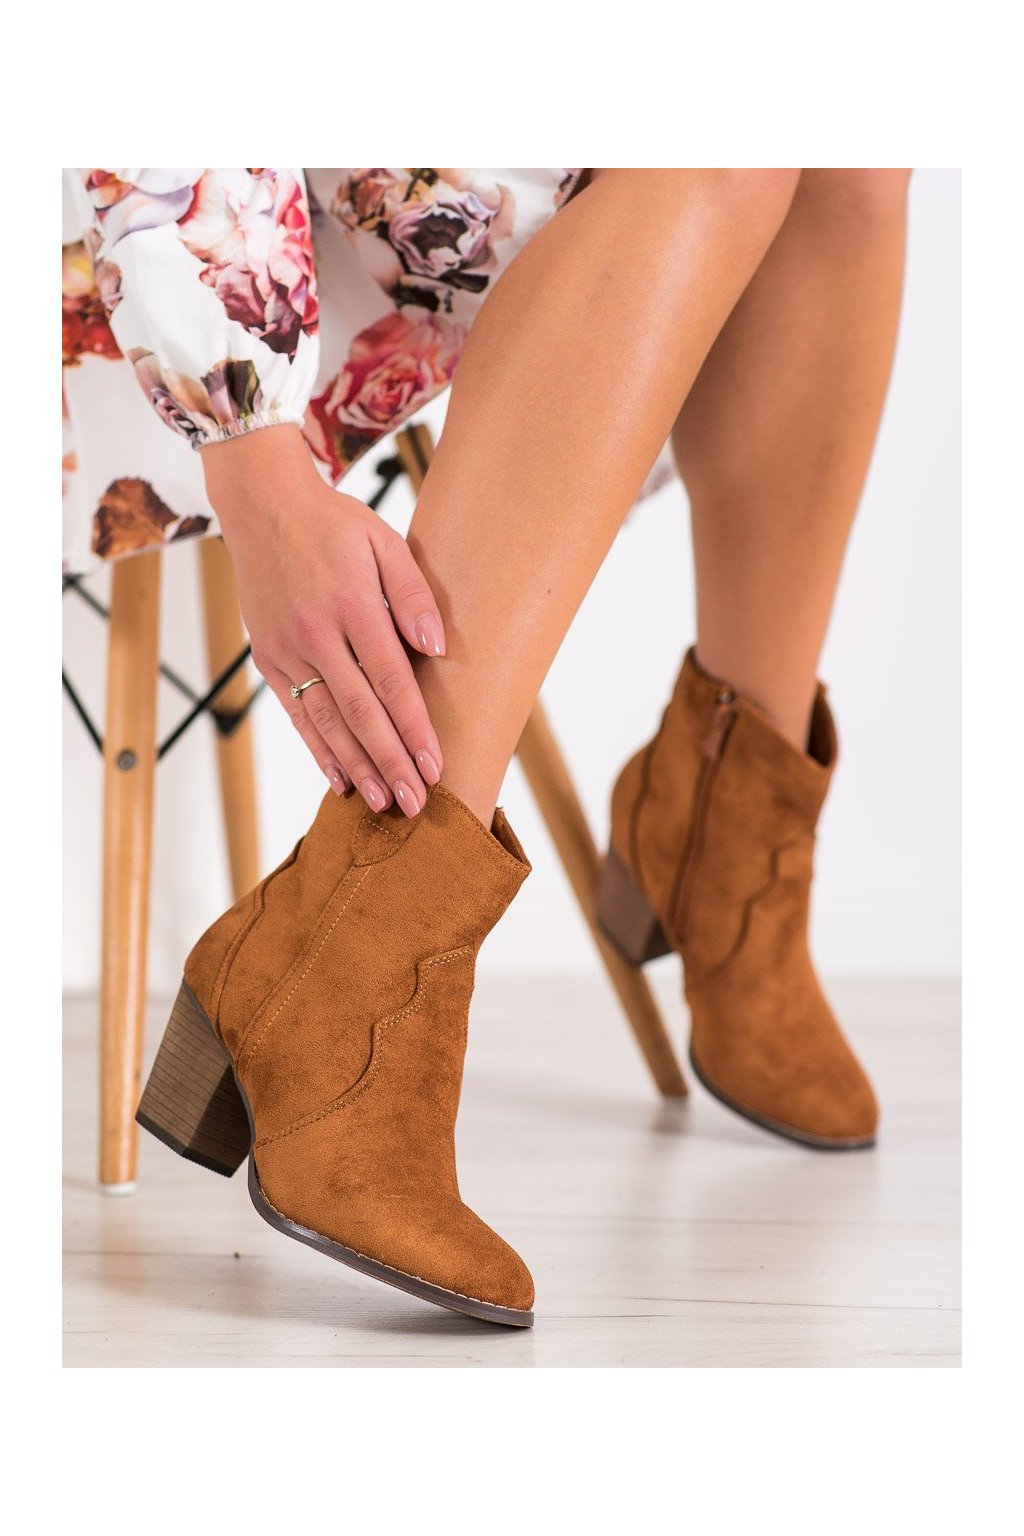 Hnedé dámske topánky Bestelle kod 100-975C